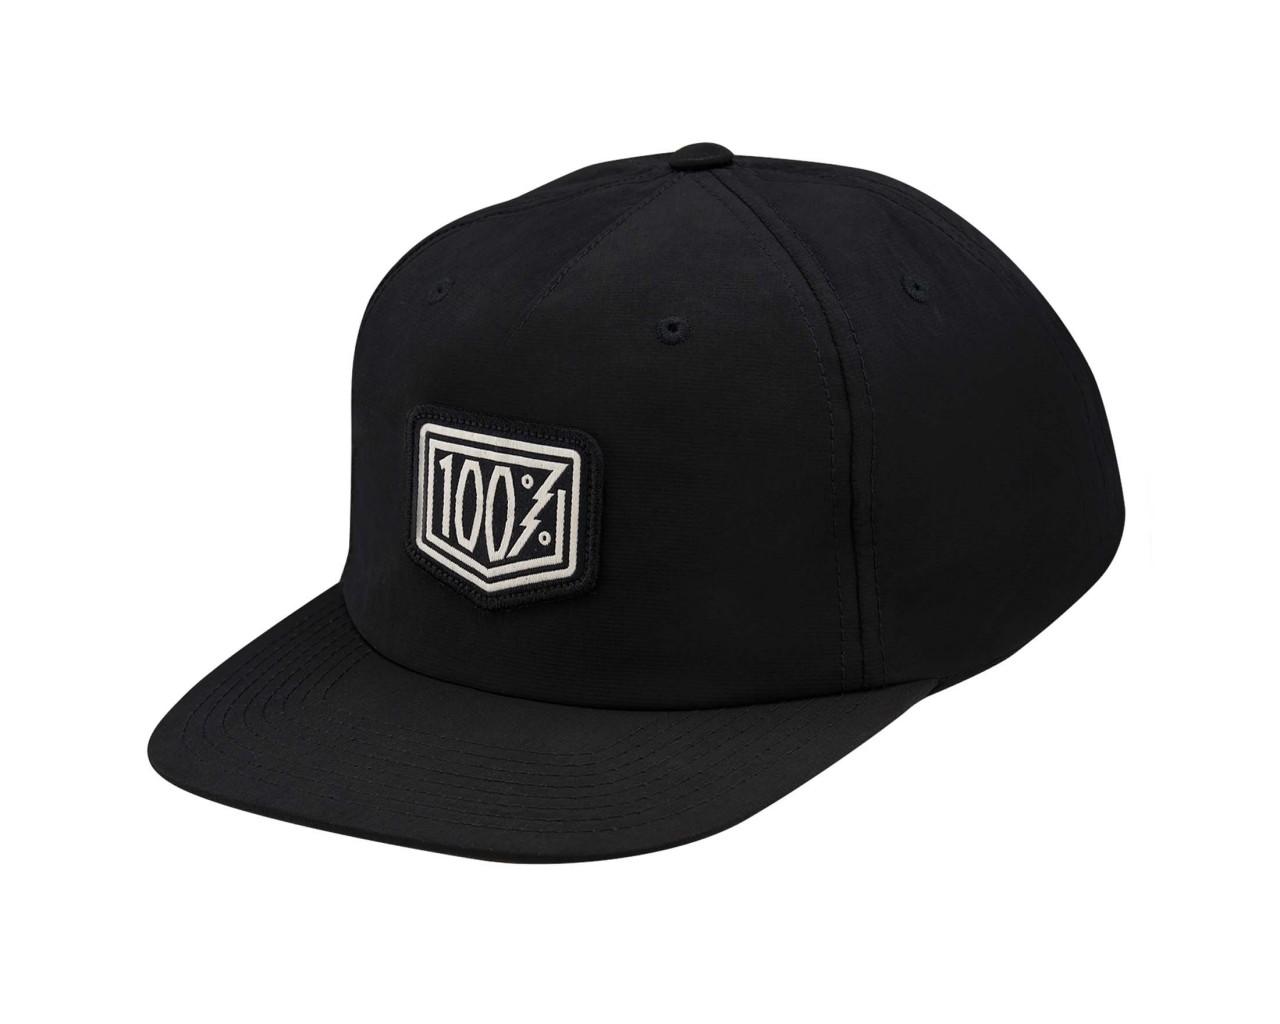 100% Pioneer Snapback Hat | black